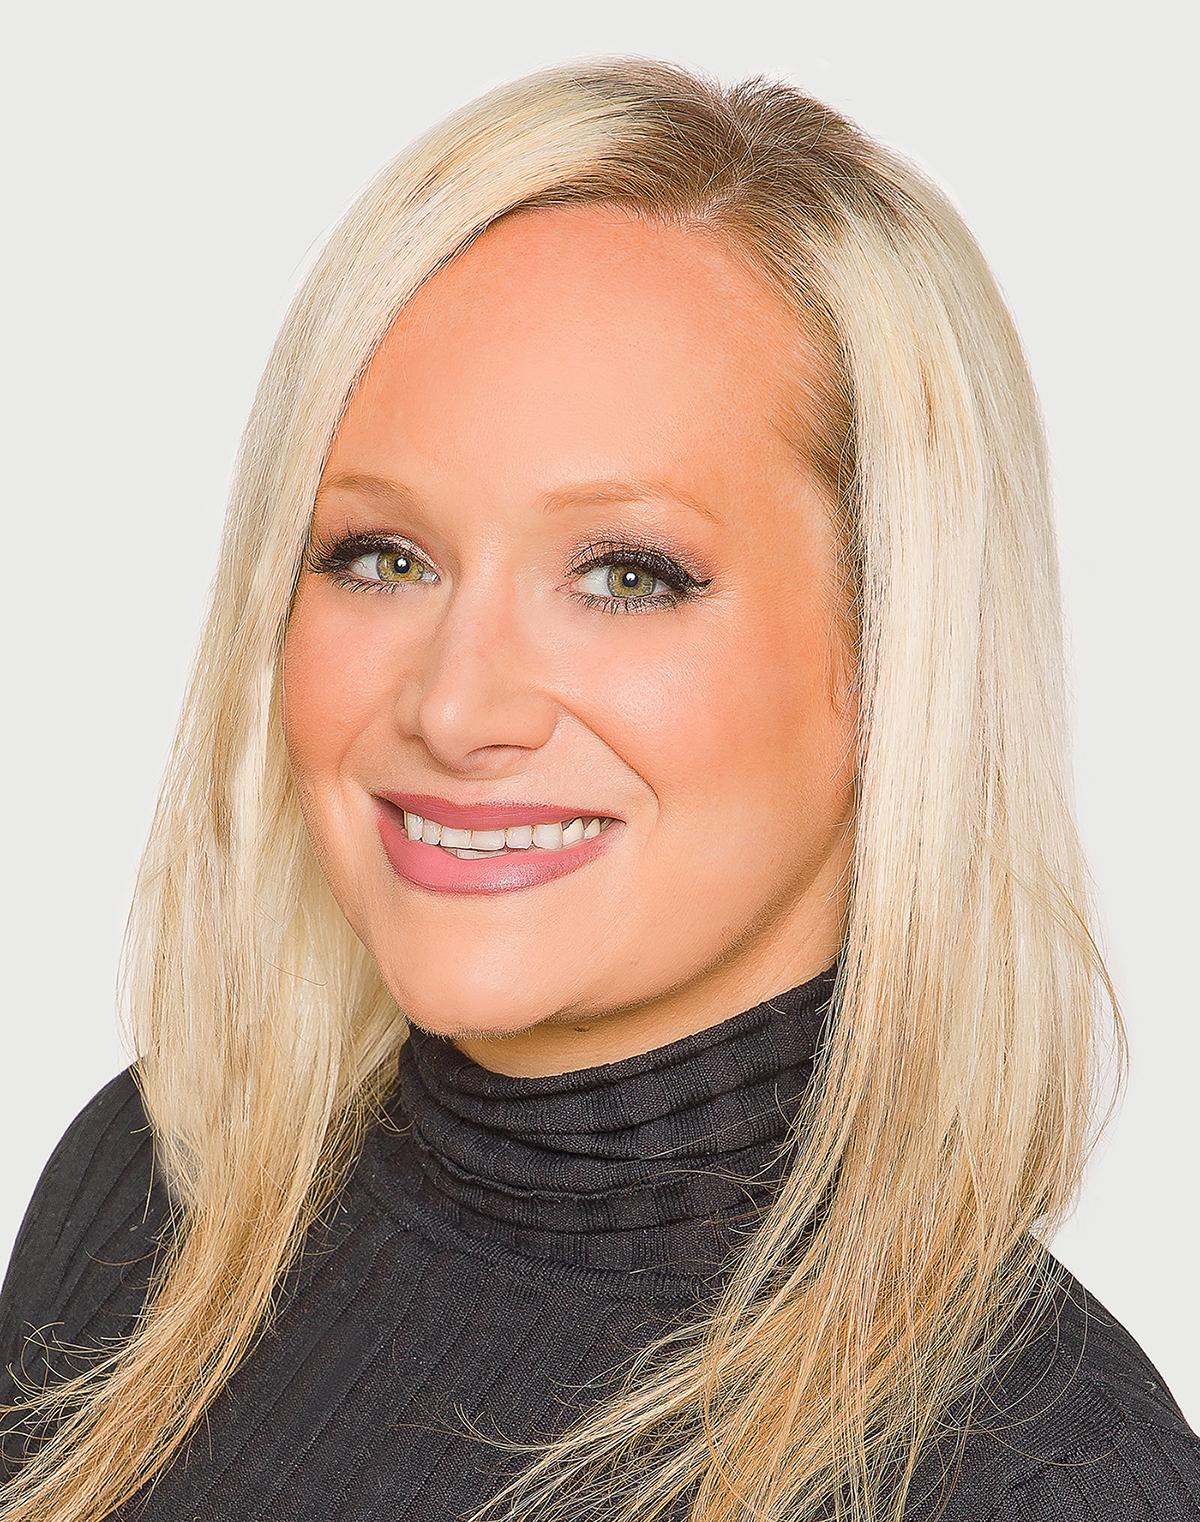 Jennifer Rouse